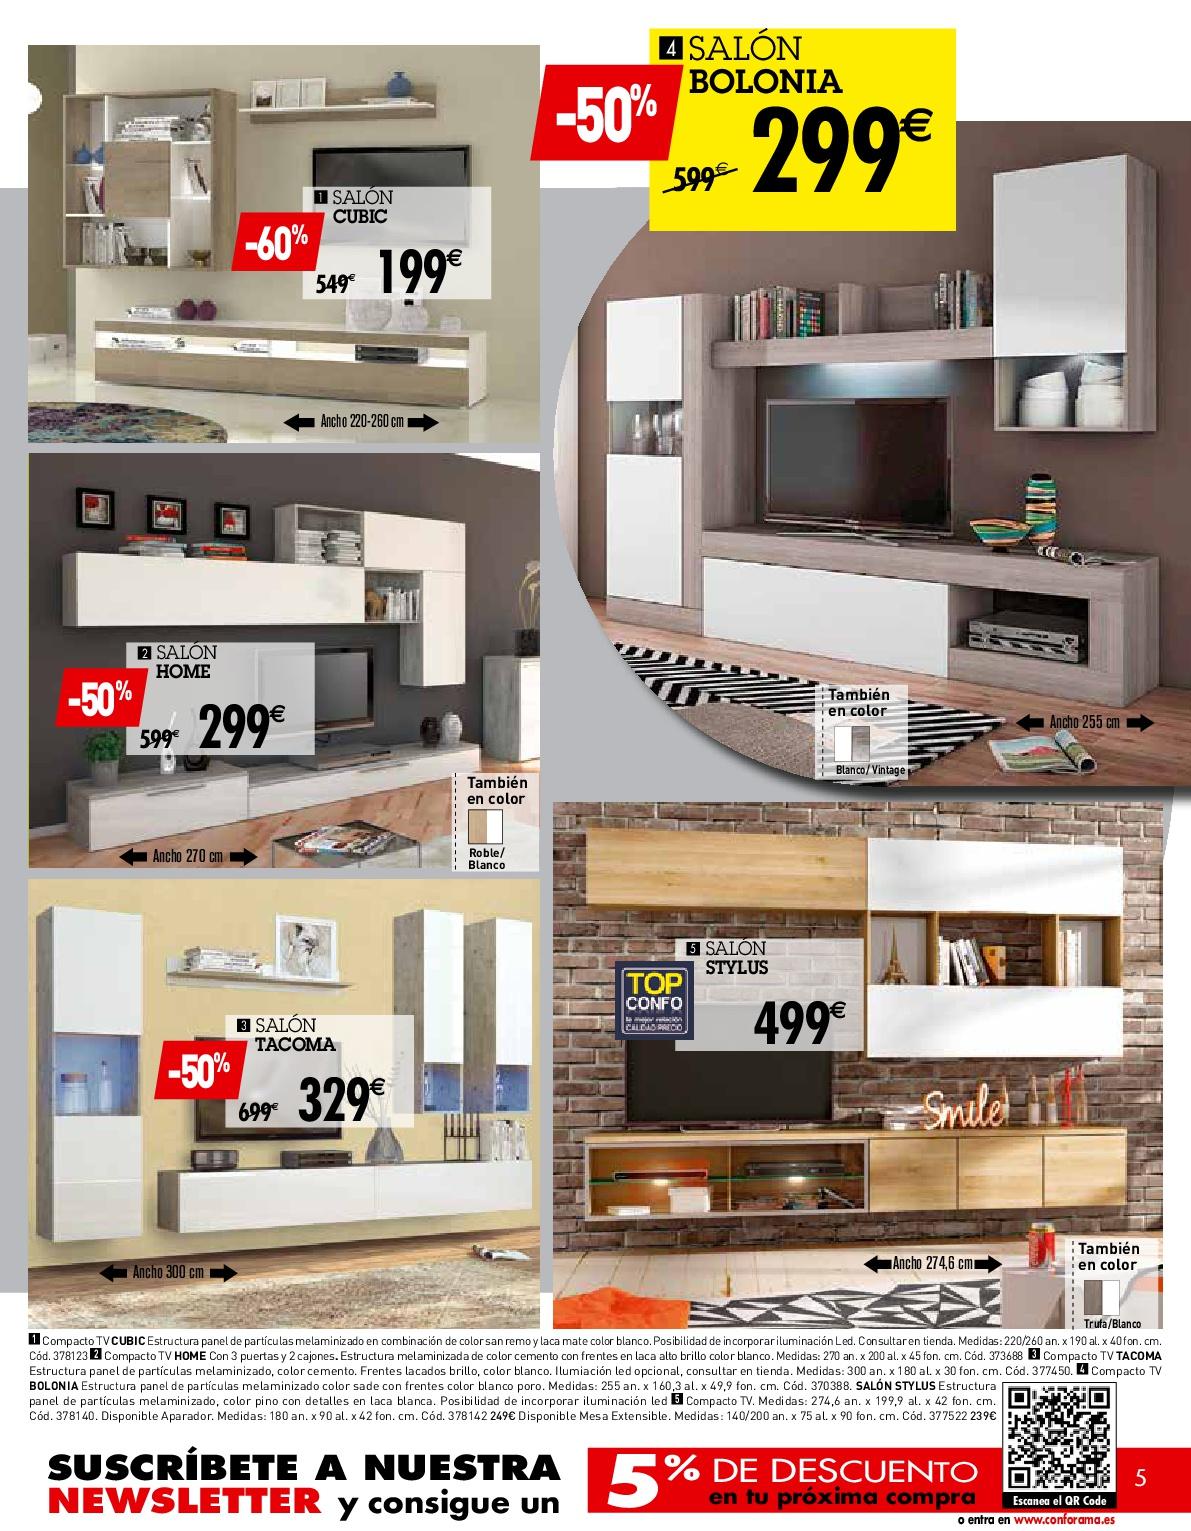 Salones 2016 conforama5 revista muebles mobiliario de - Butacas conforama ...